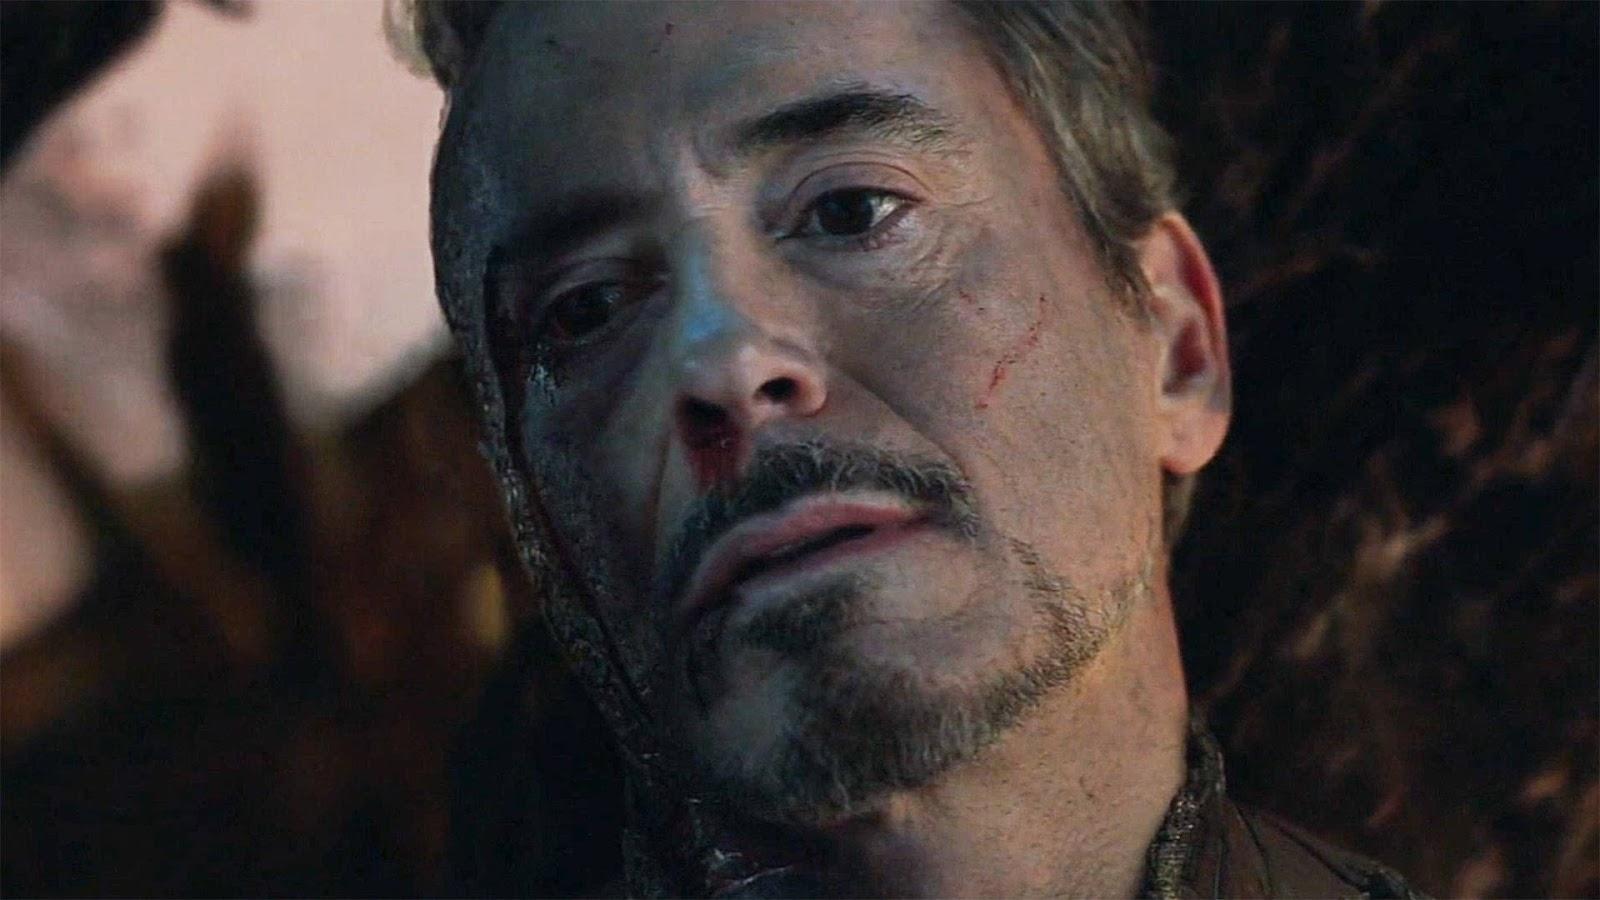 iron man last scene